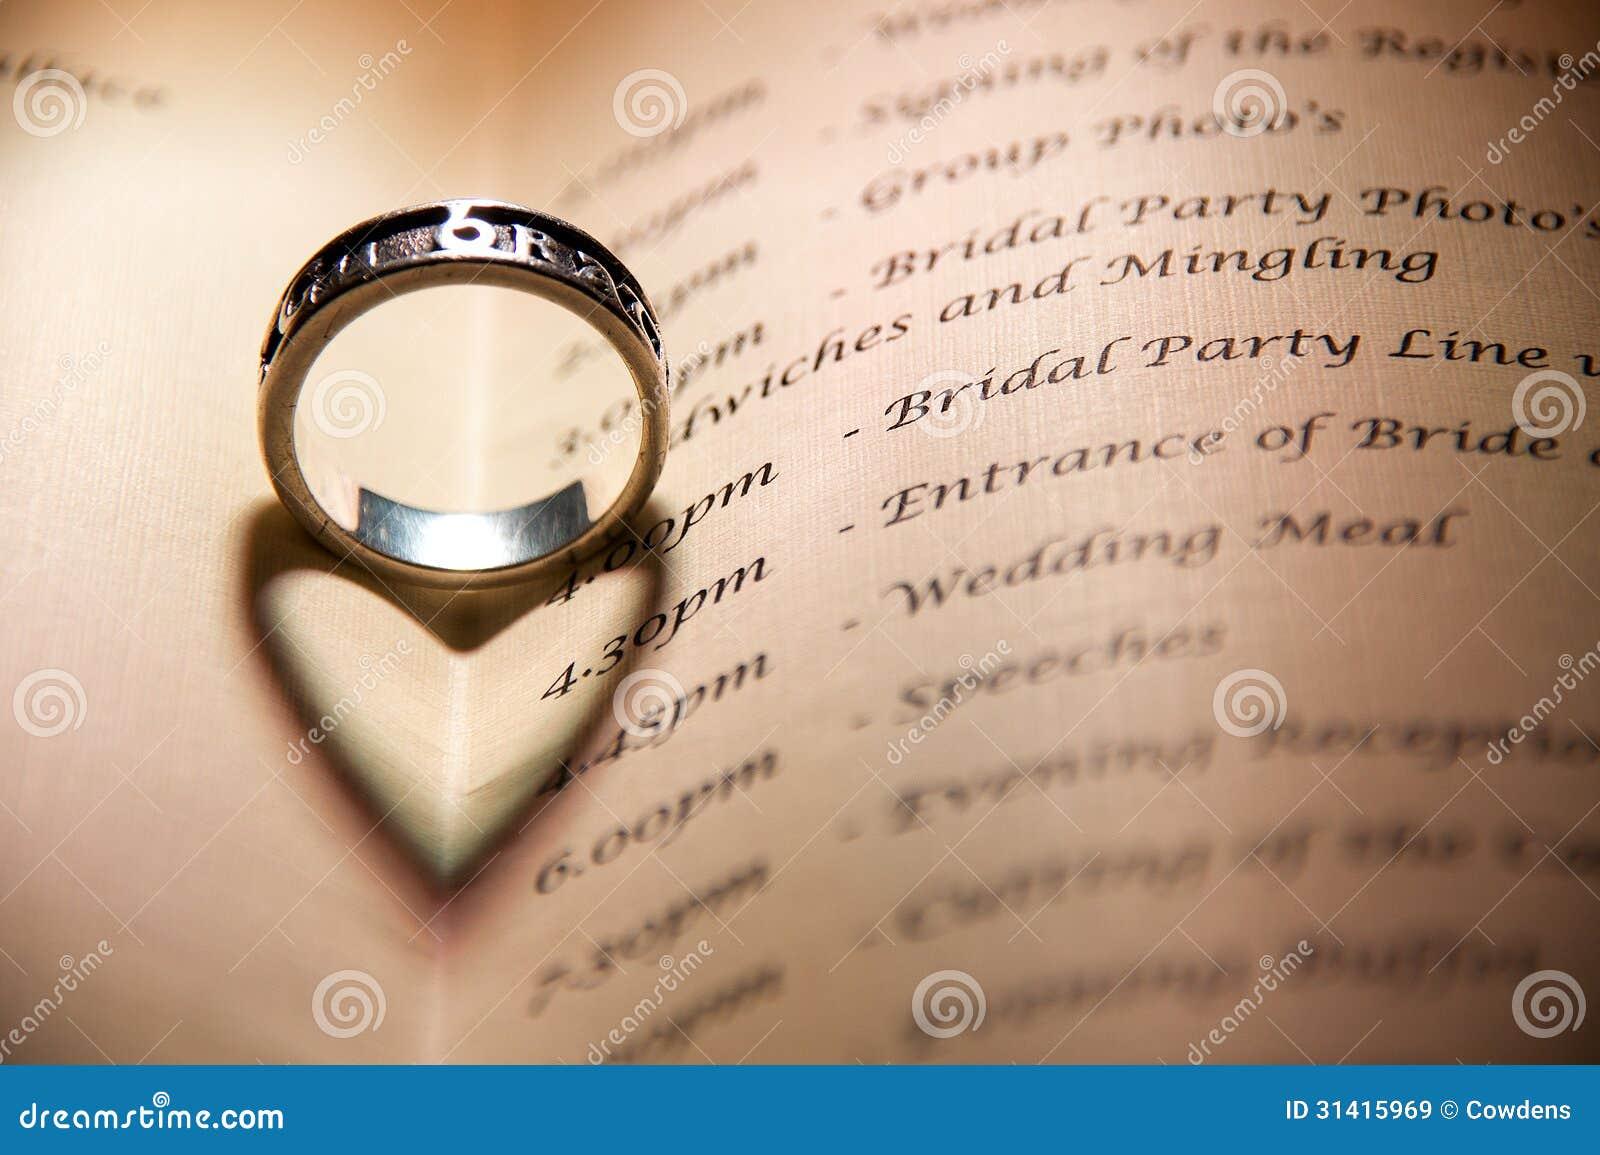 Anneau De Mariage Celtique Images libres de droits - Image: 31415969